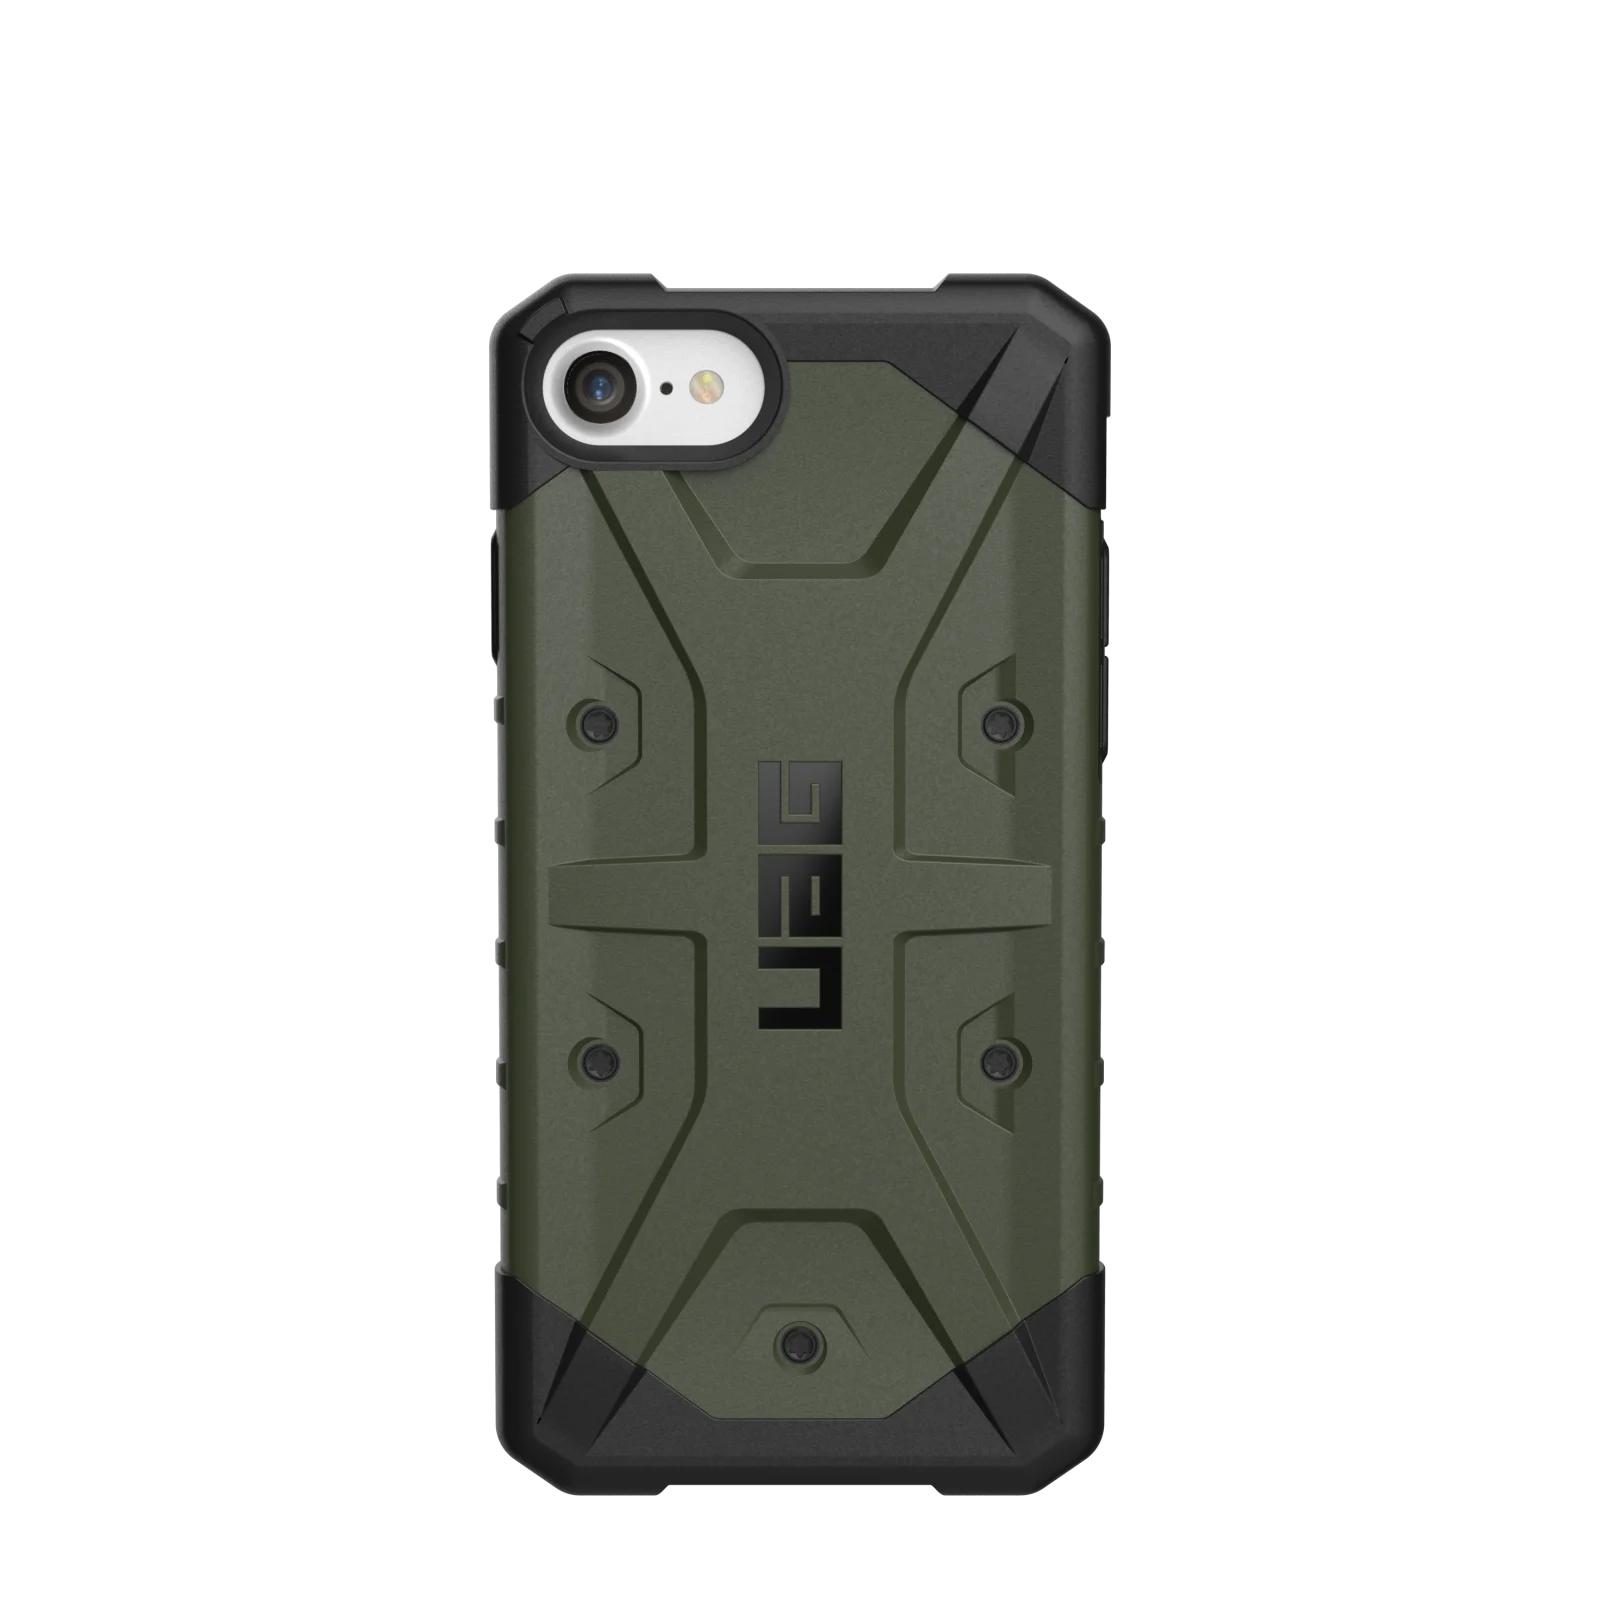 """Urban Armor Gear Pathfinder funda para teléfono móvil 11,9 cm (4.7"""") Carcasa rígida Negro, Oliva"""